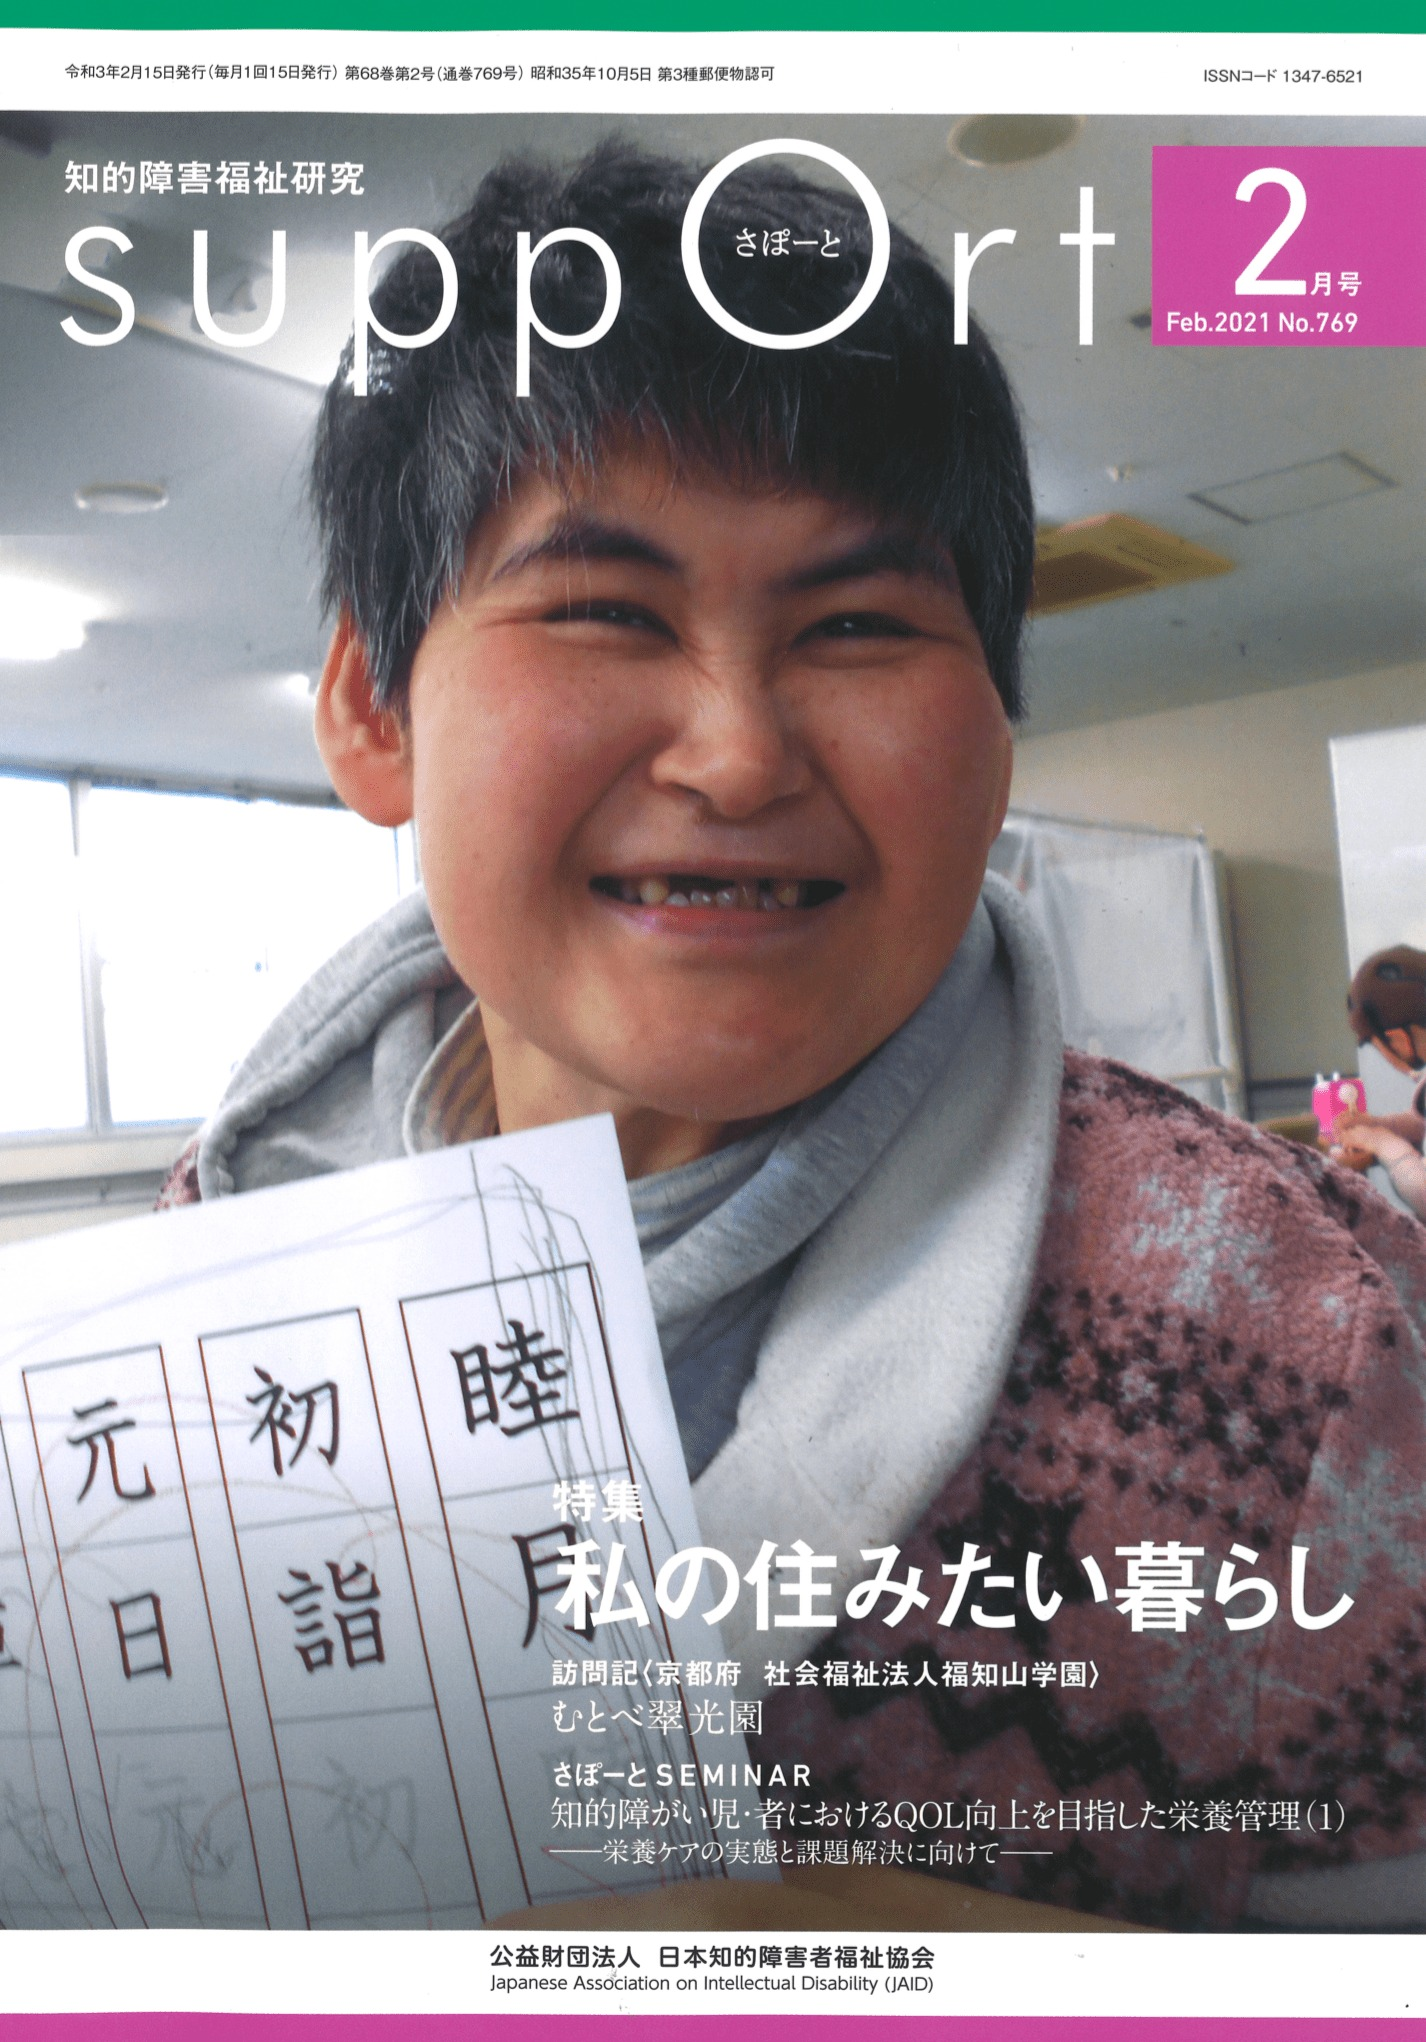 記事 『Beステーション凛』施設長の記事が『さぽーと2月号』に掲載されました!のアイキャッチ画像